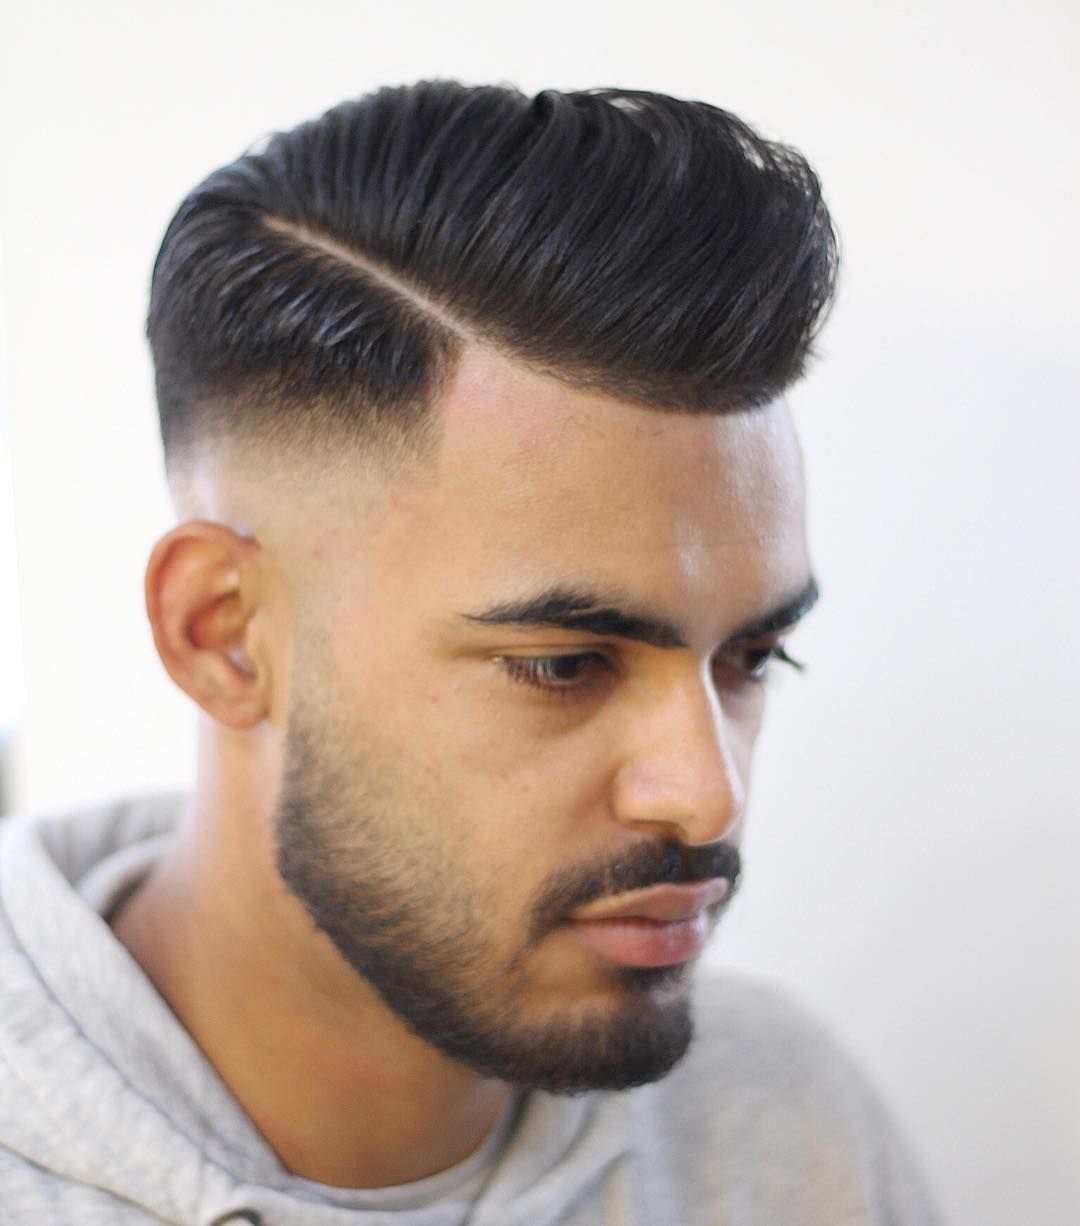 Modern haircuts men haircut  gaya rambut  pinterest  fade haircut haircuts and mens hair